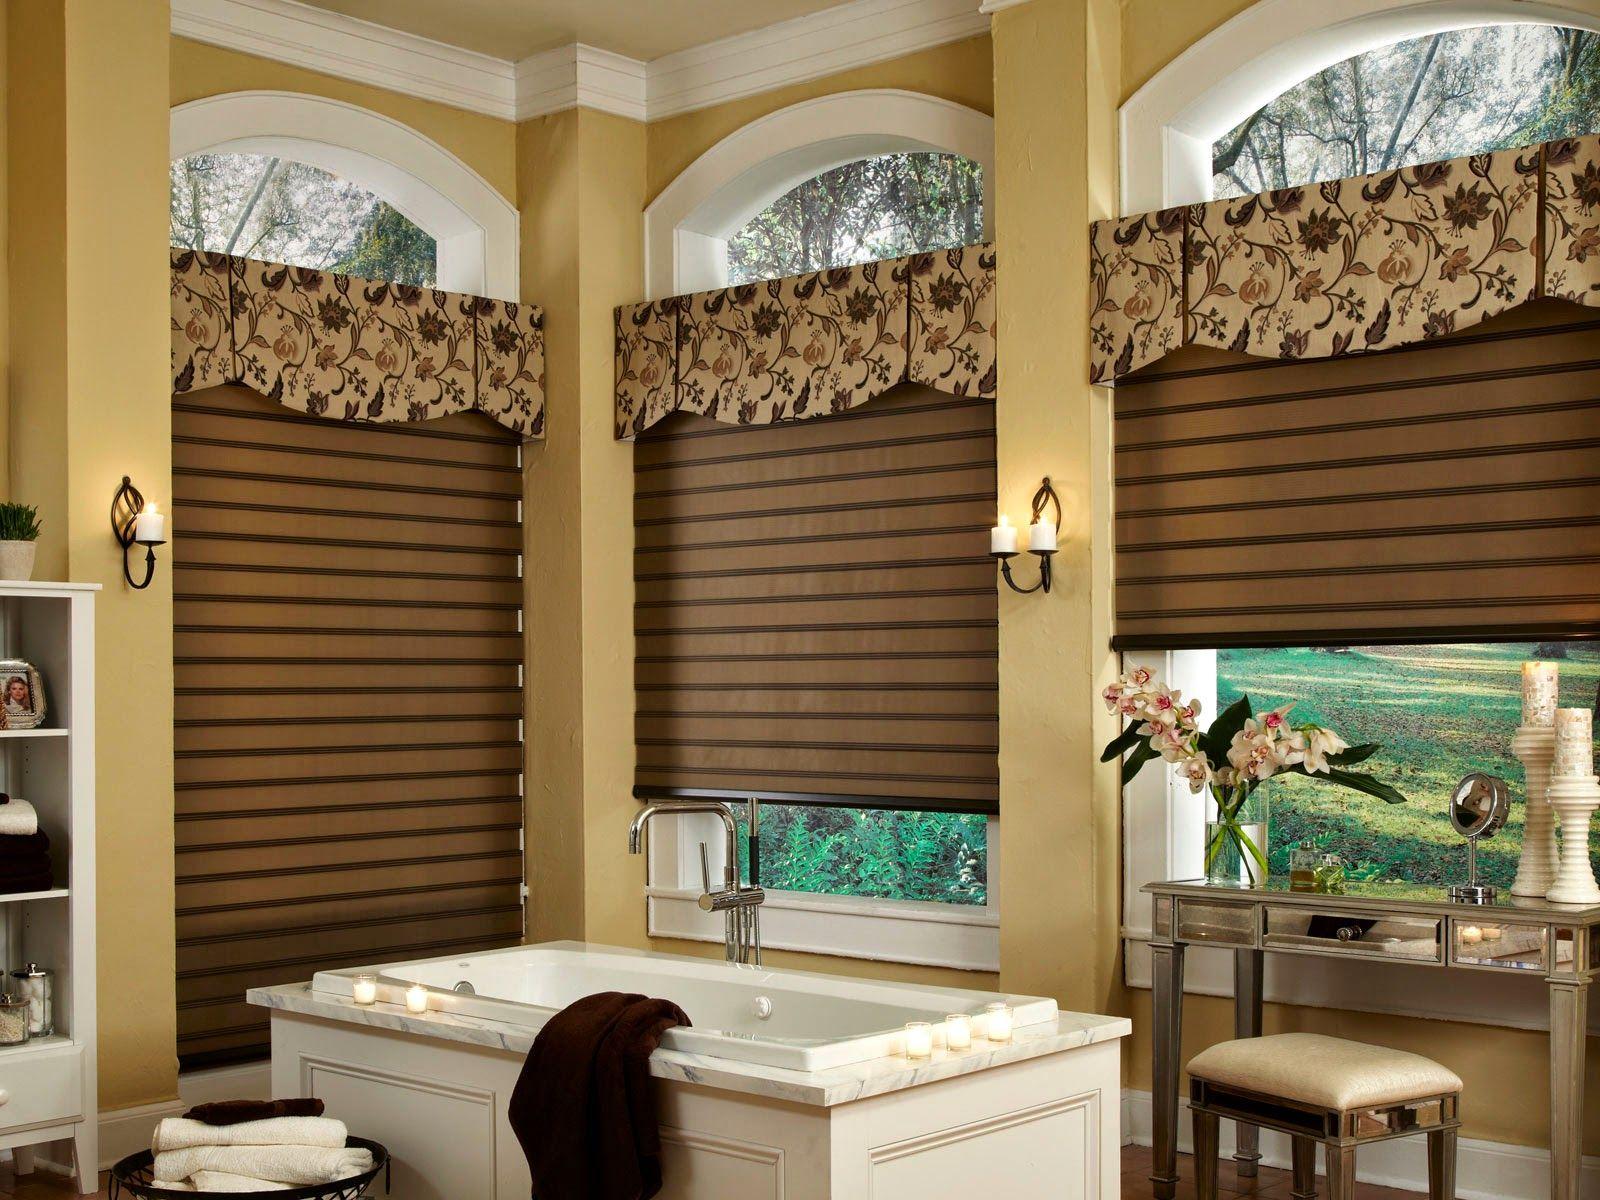 Curtain Ideas Bathroom Curtains Blinds Ideas Curtains With Blinds Sunroom Window Treatments Bathroom Window Treatments [ 1200 x 1600 Pixel ]